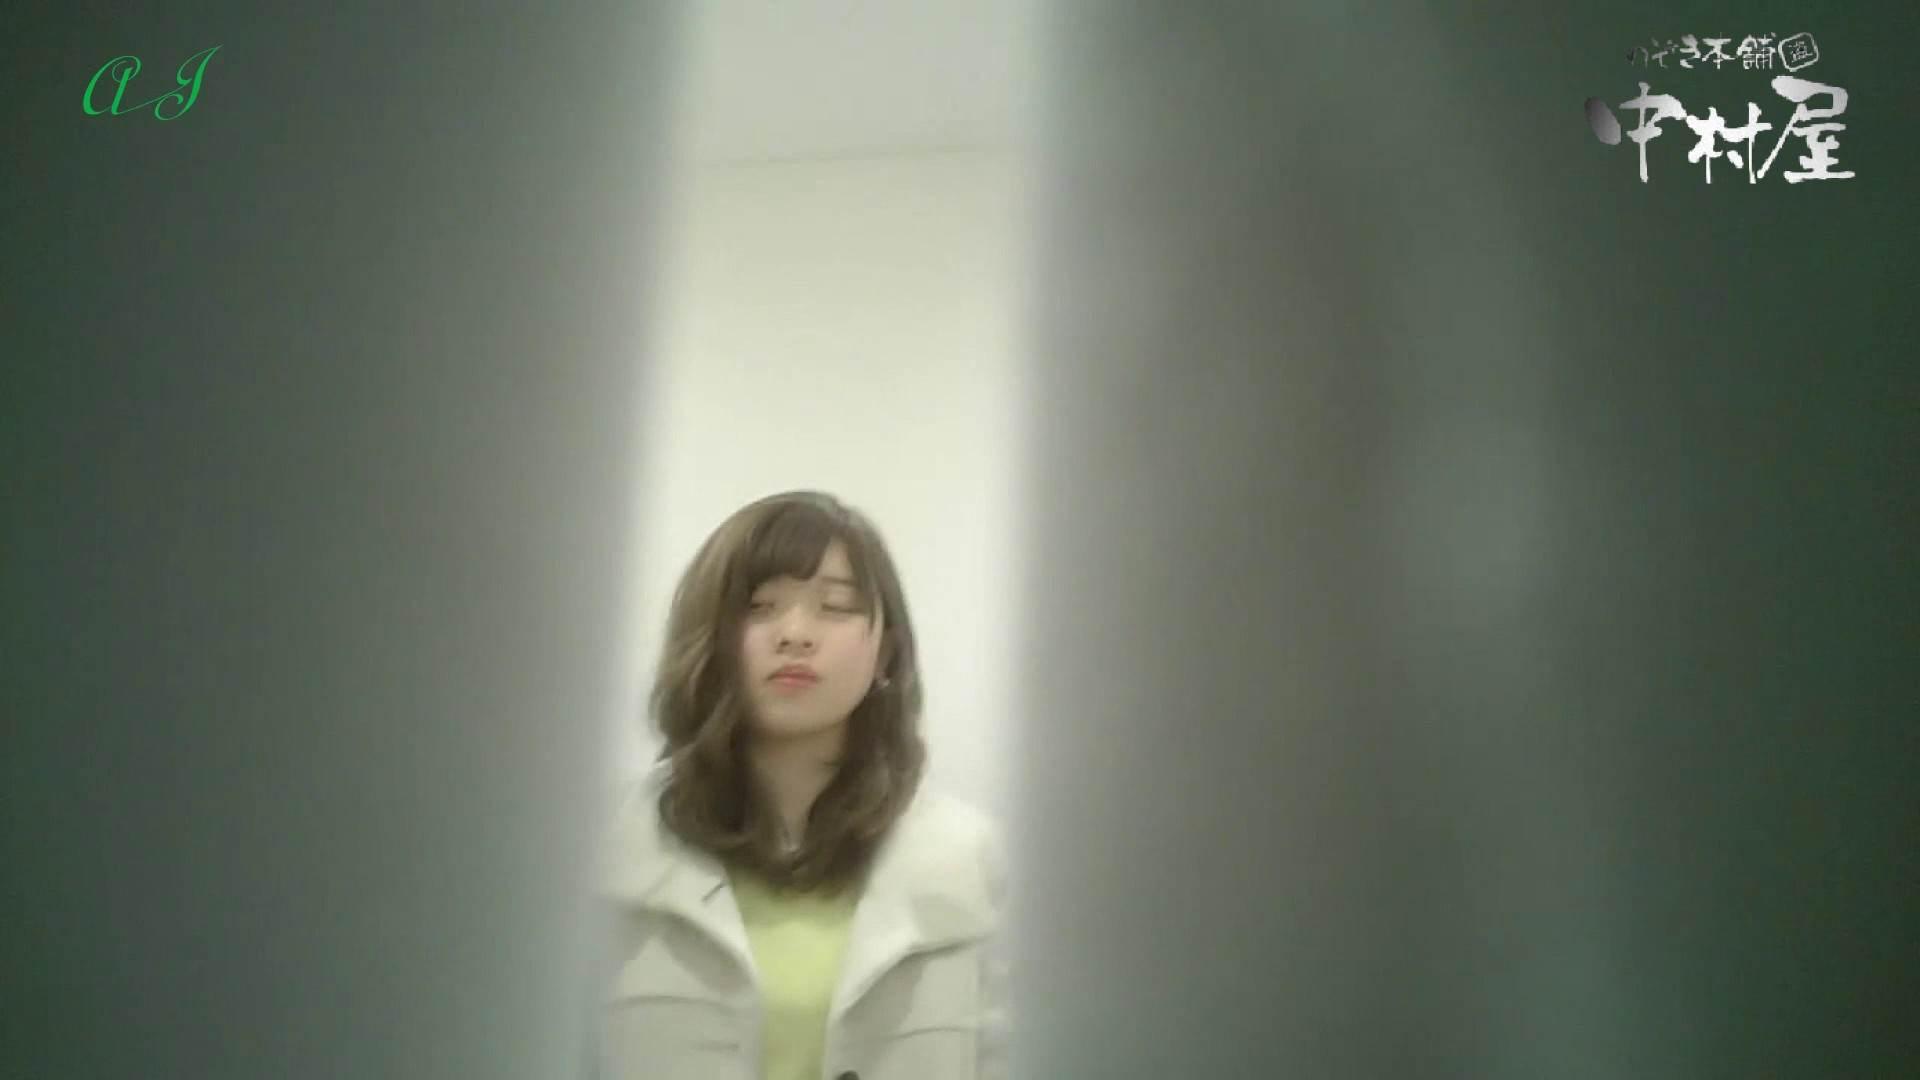 有名大学女性洗面所 vol.61 お久しぶりです。美しい物を美しく撮れました 和式 オメコ動画キャプチャ 19連発 19